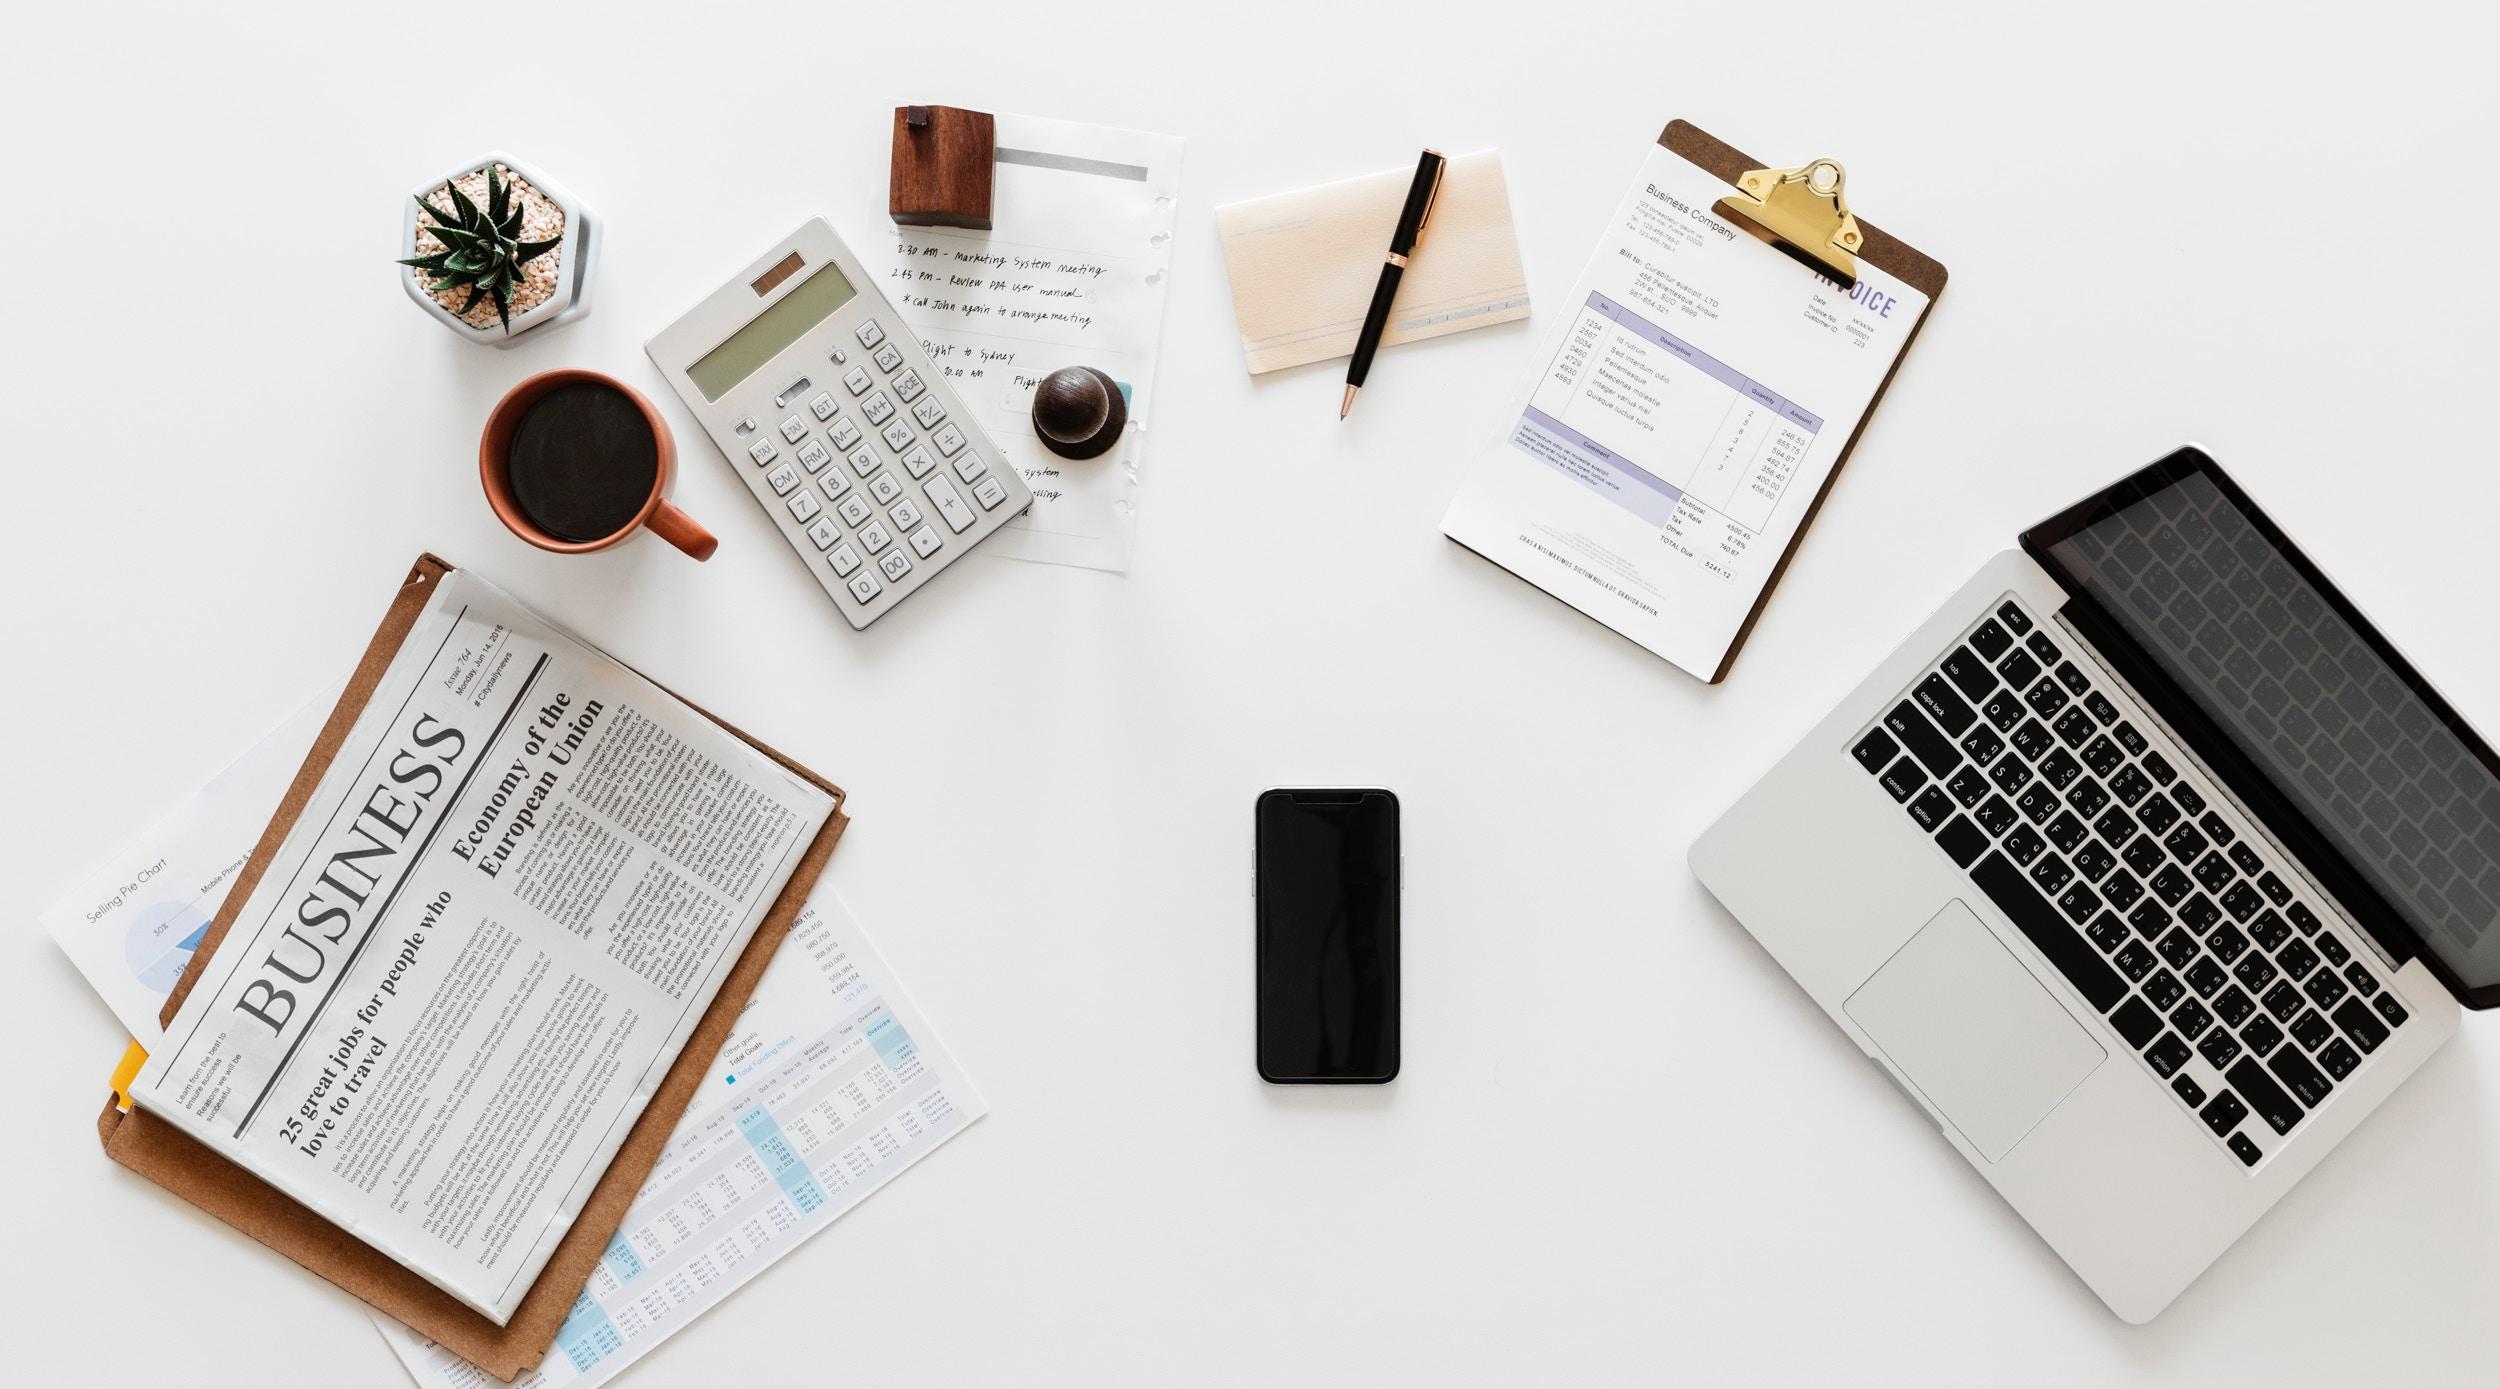 yönetim bilişim sistemleri maaş aralıkları